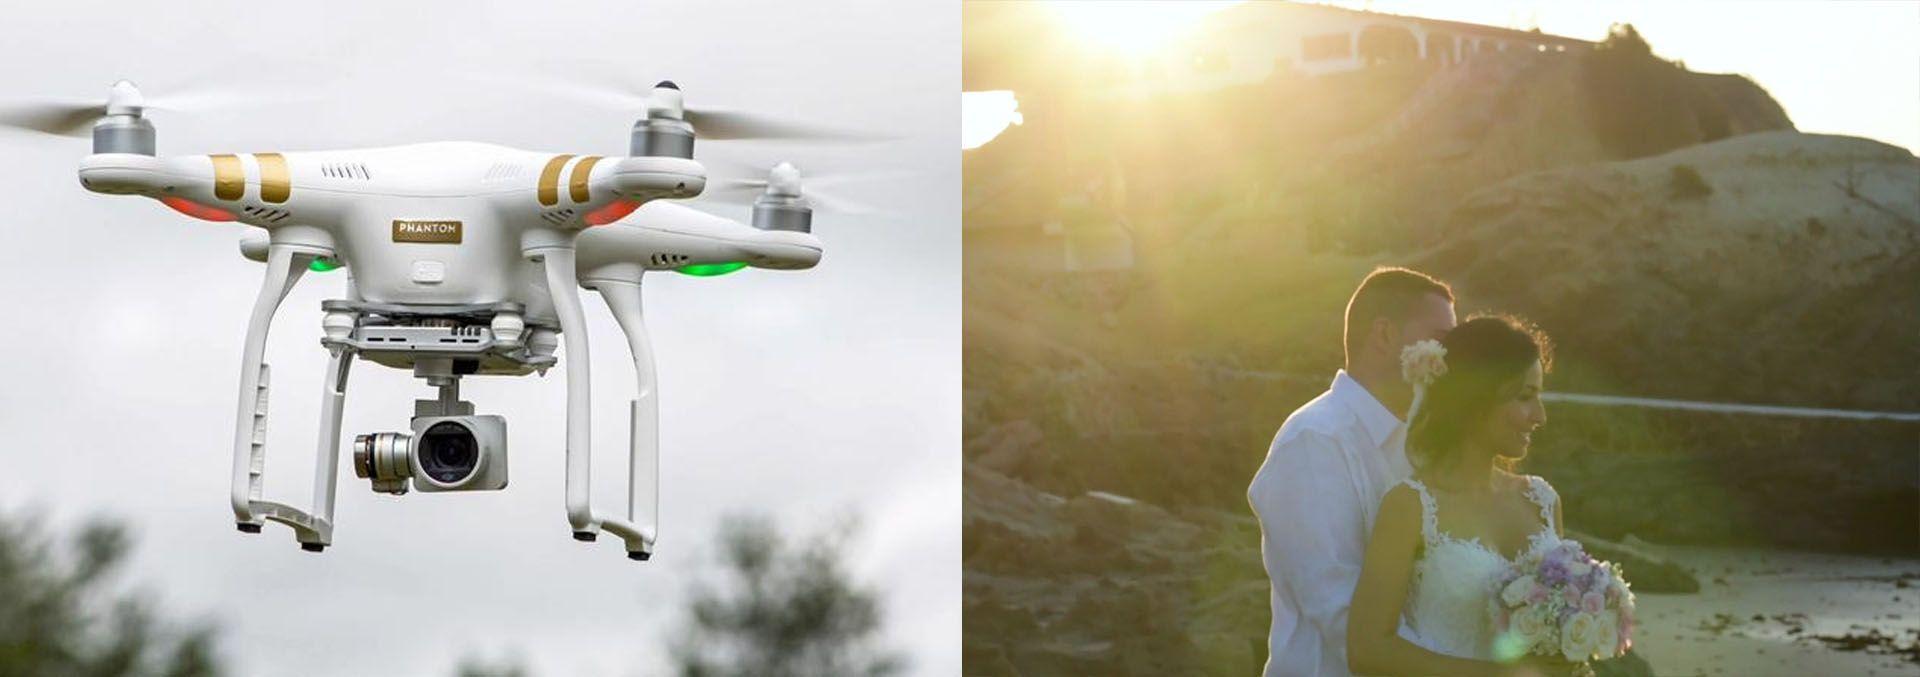 drone-compressor